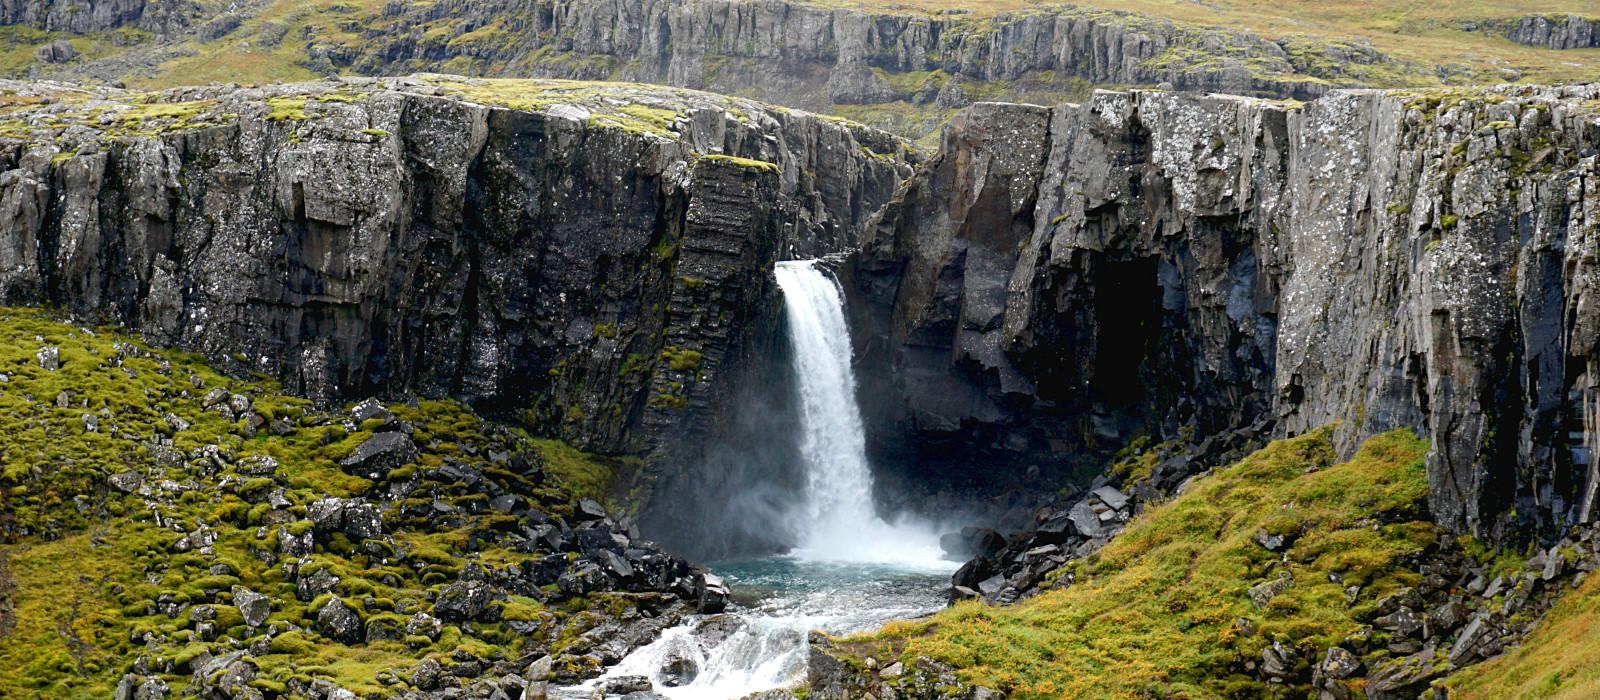 Destination Egilsstaðir Iceland